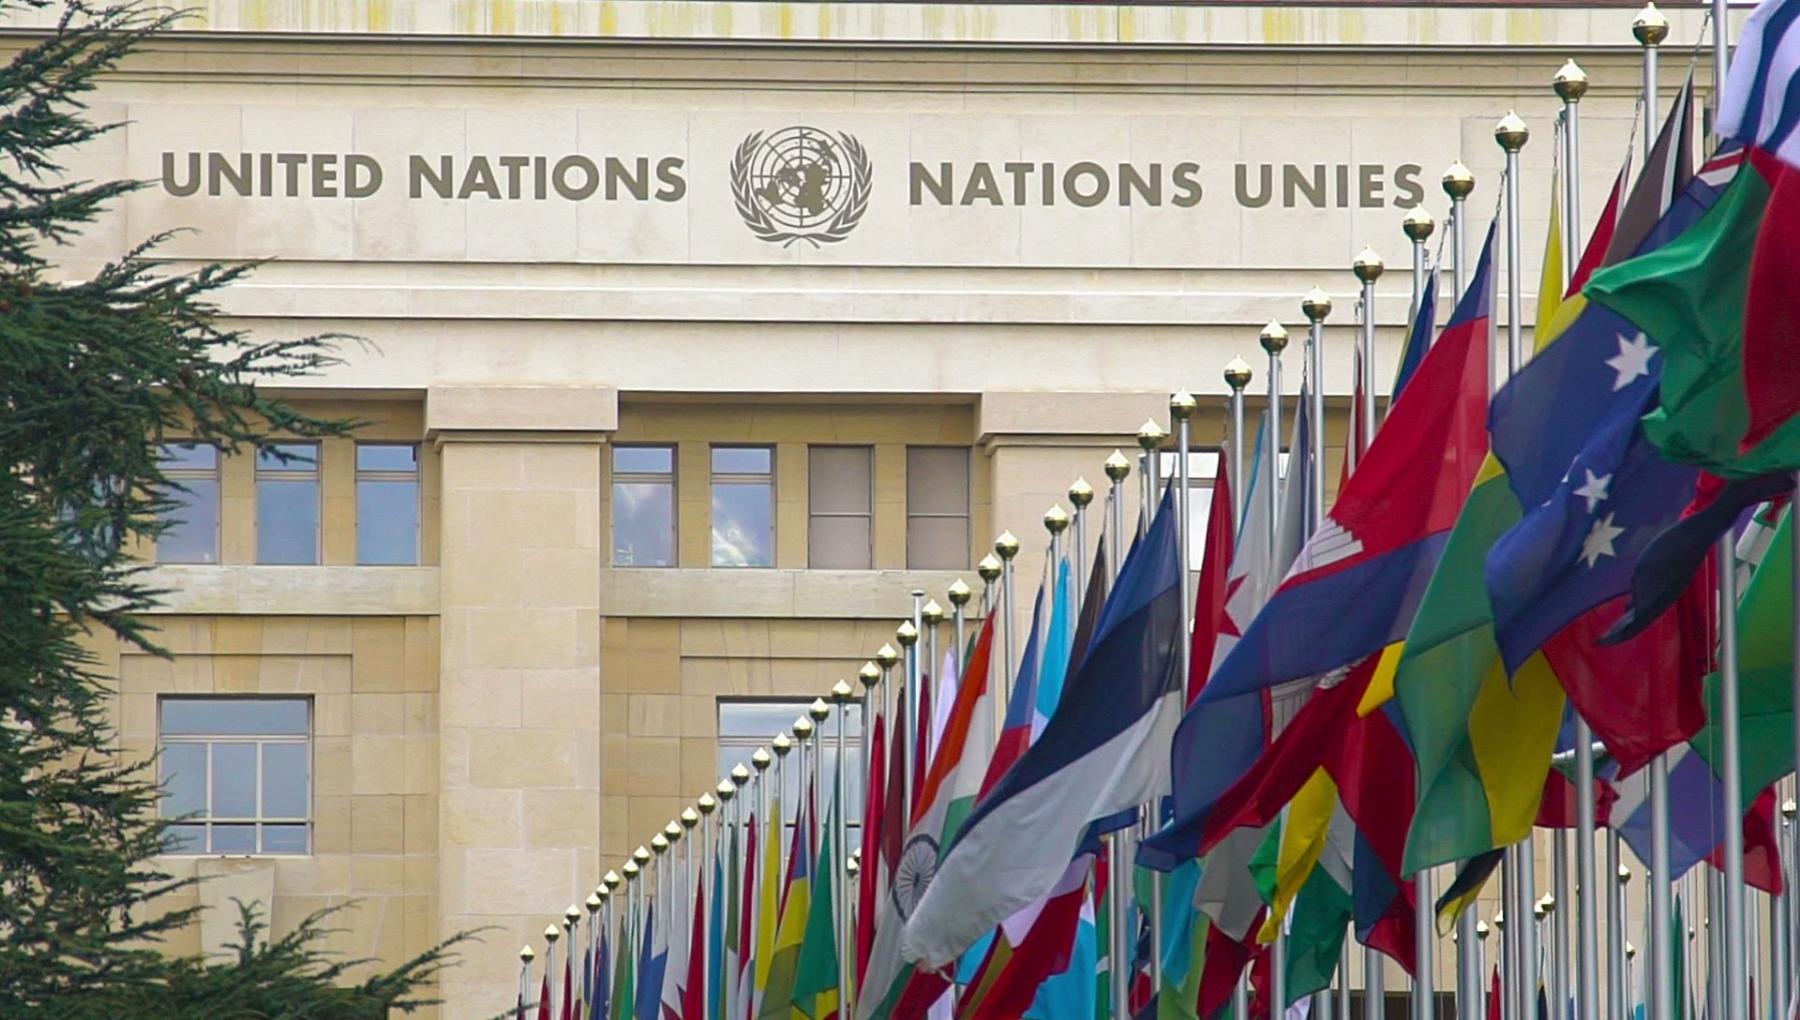 संयुक्त राष्ट्र संघ प्रमुख के सामने पाक प्रधानमंत्री ने रोया अपना रोना